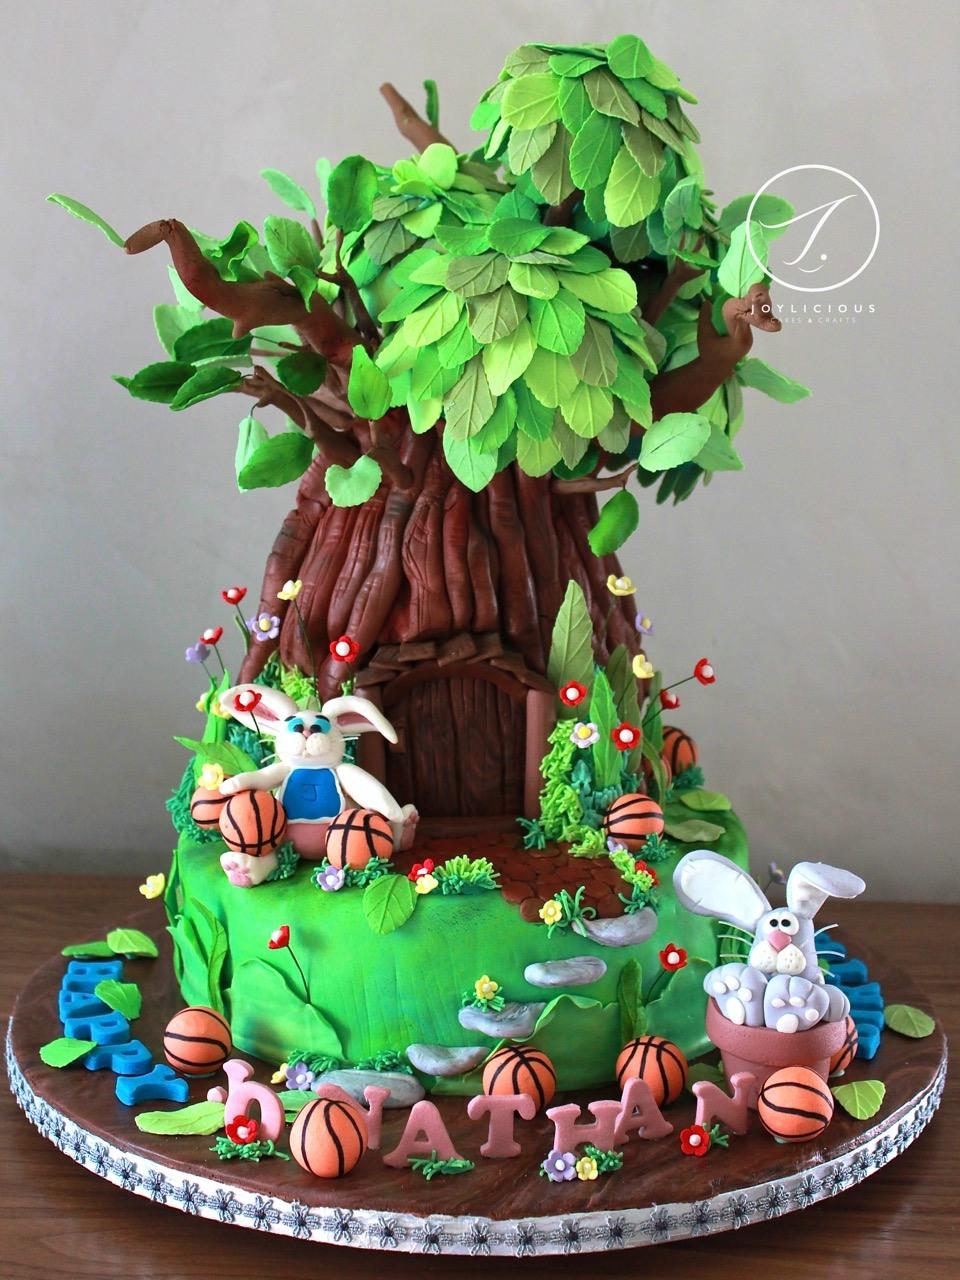 Treehouse bunny cake